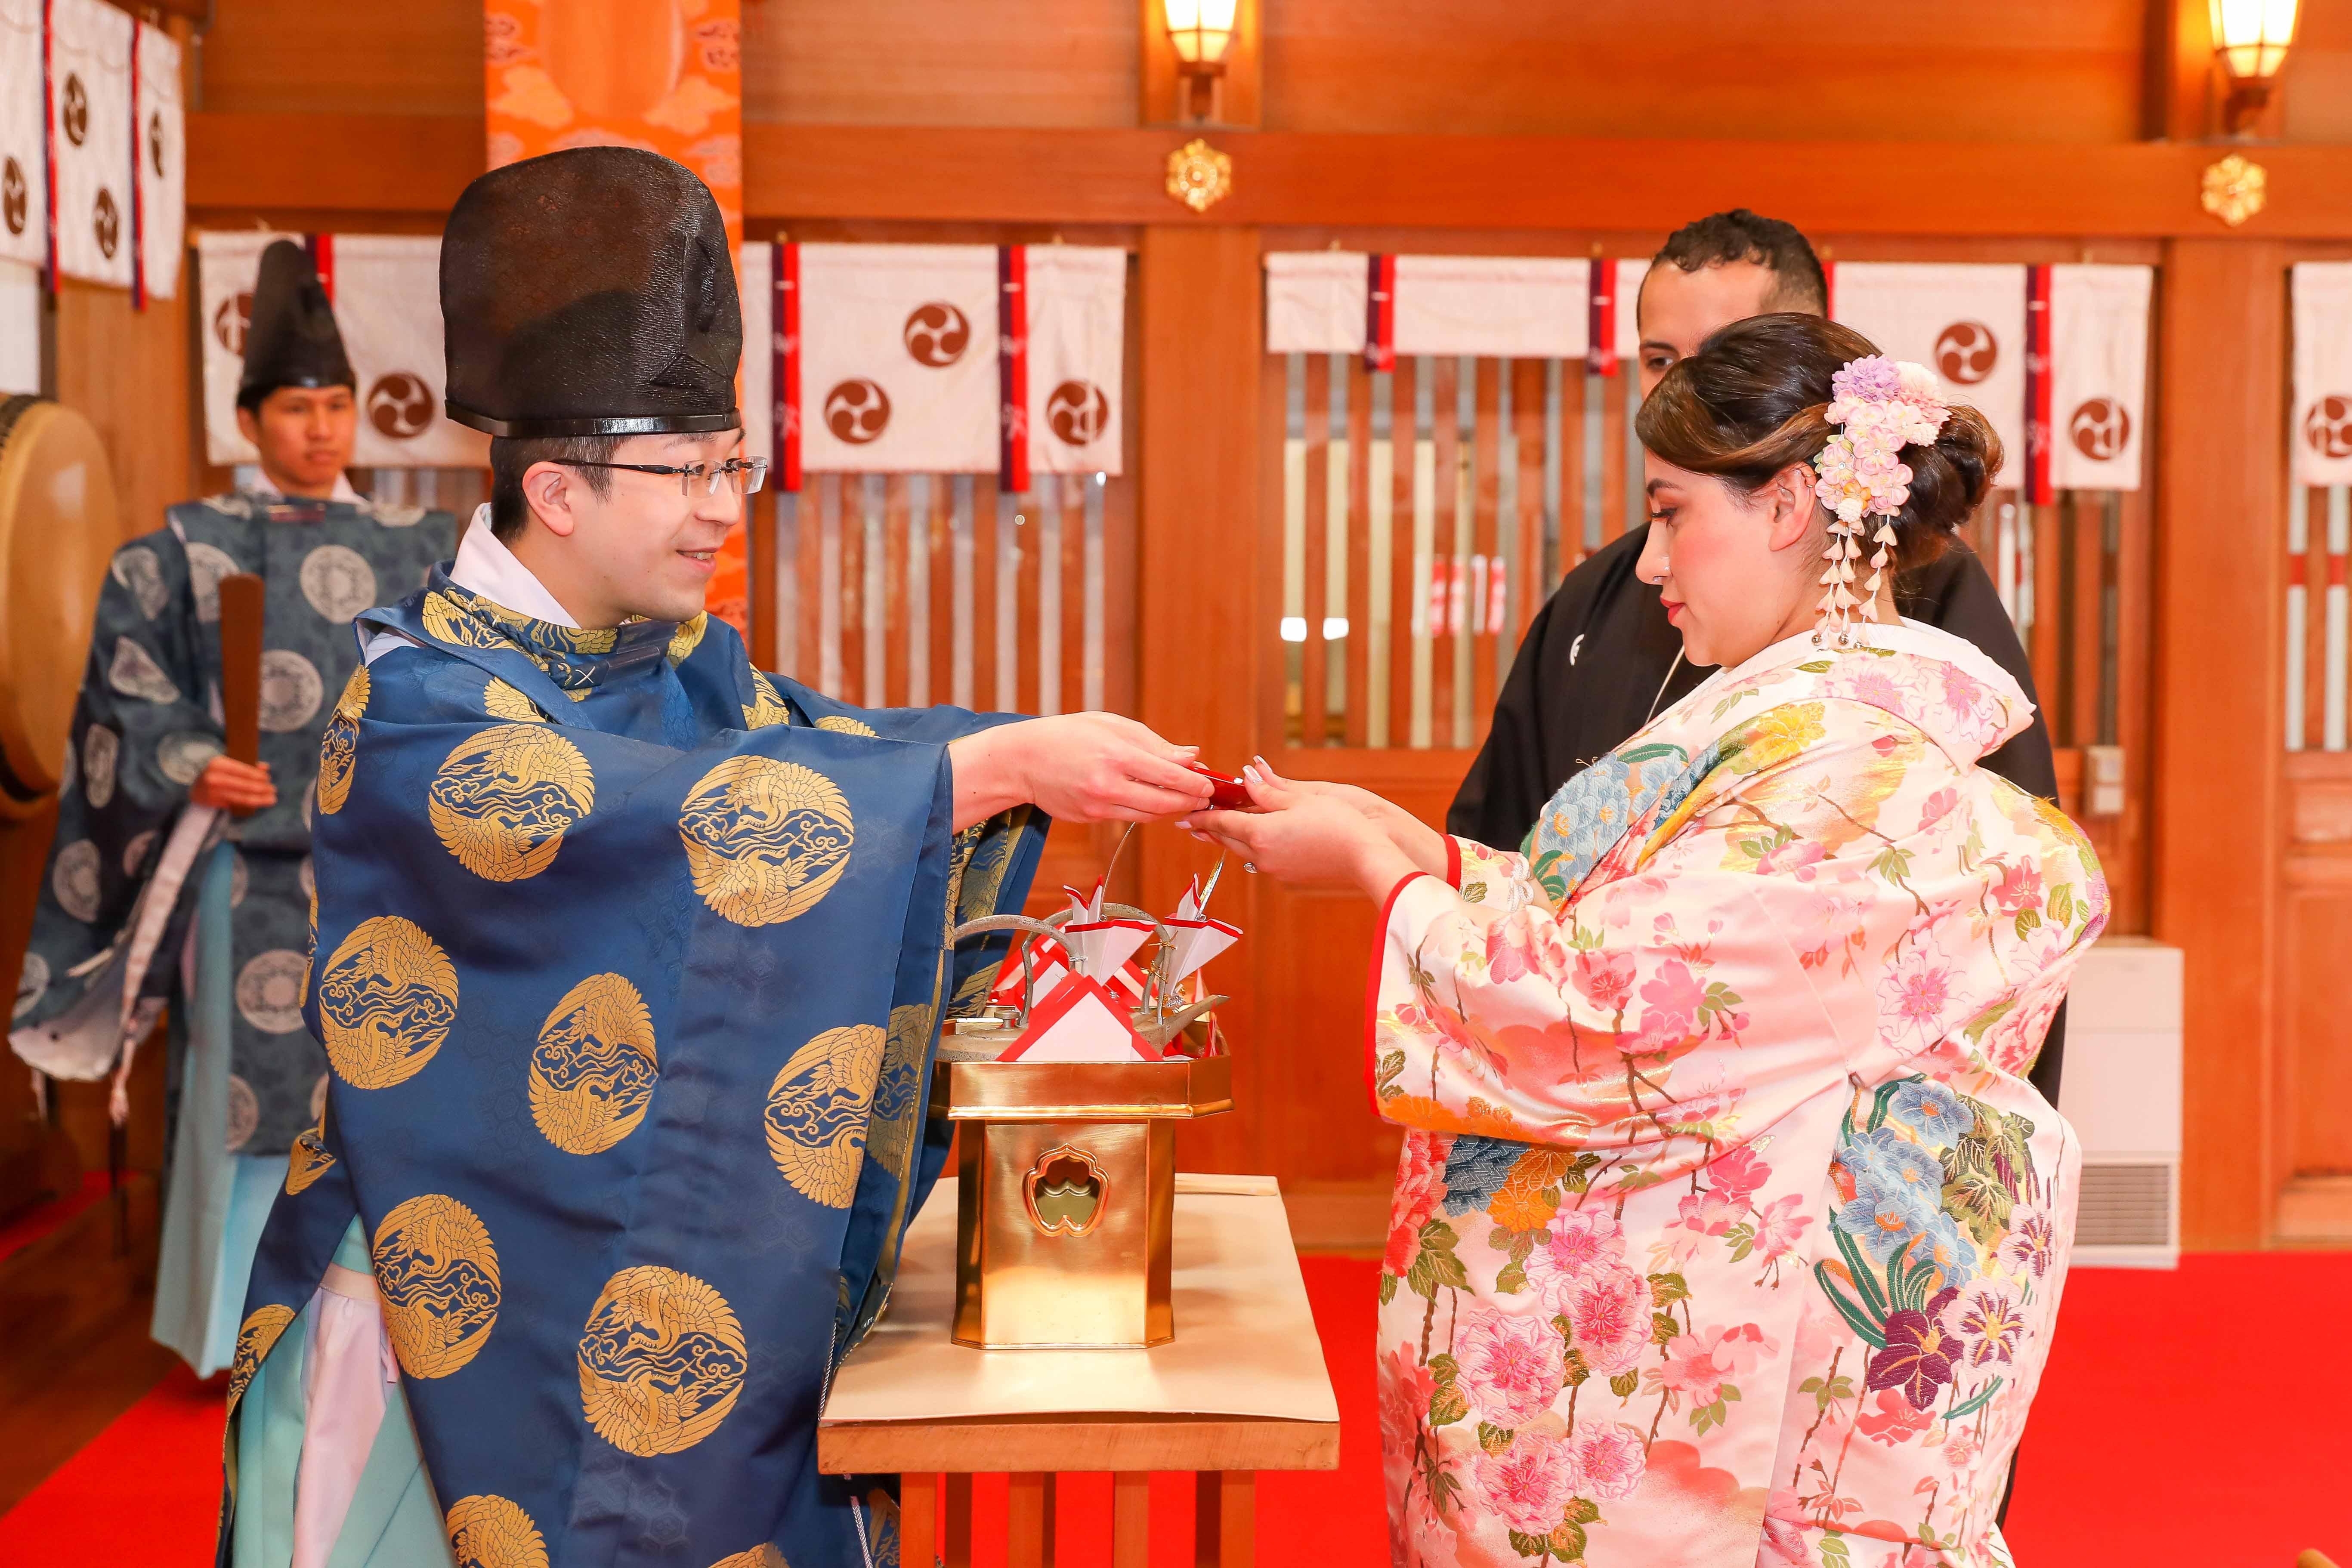 Shinto Shrine Elopement Ceremony - Sake